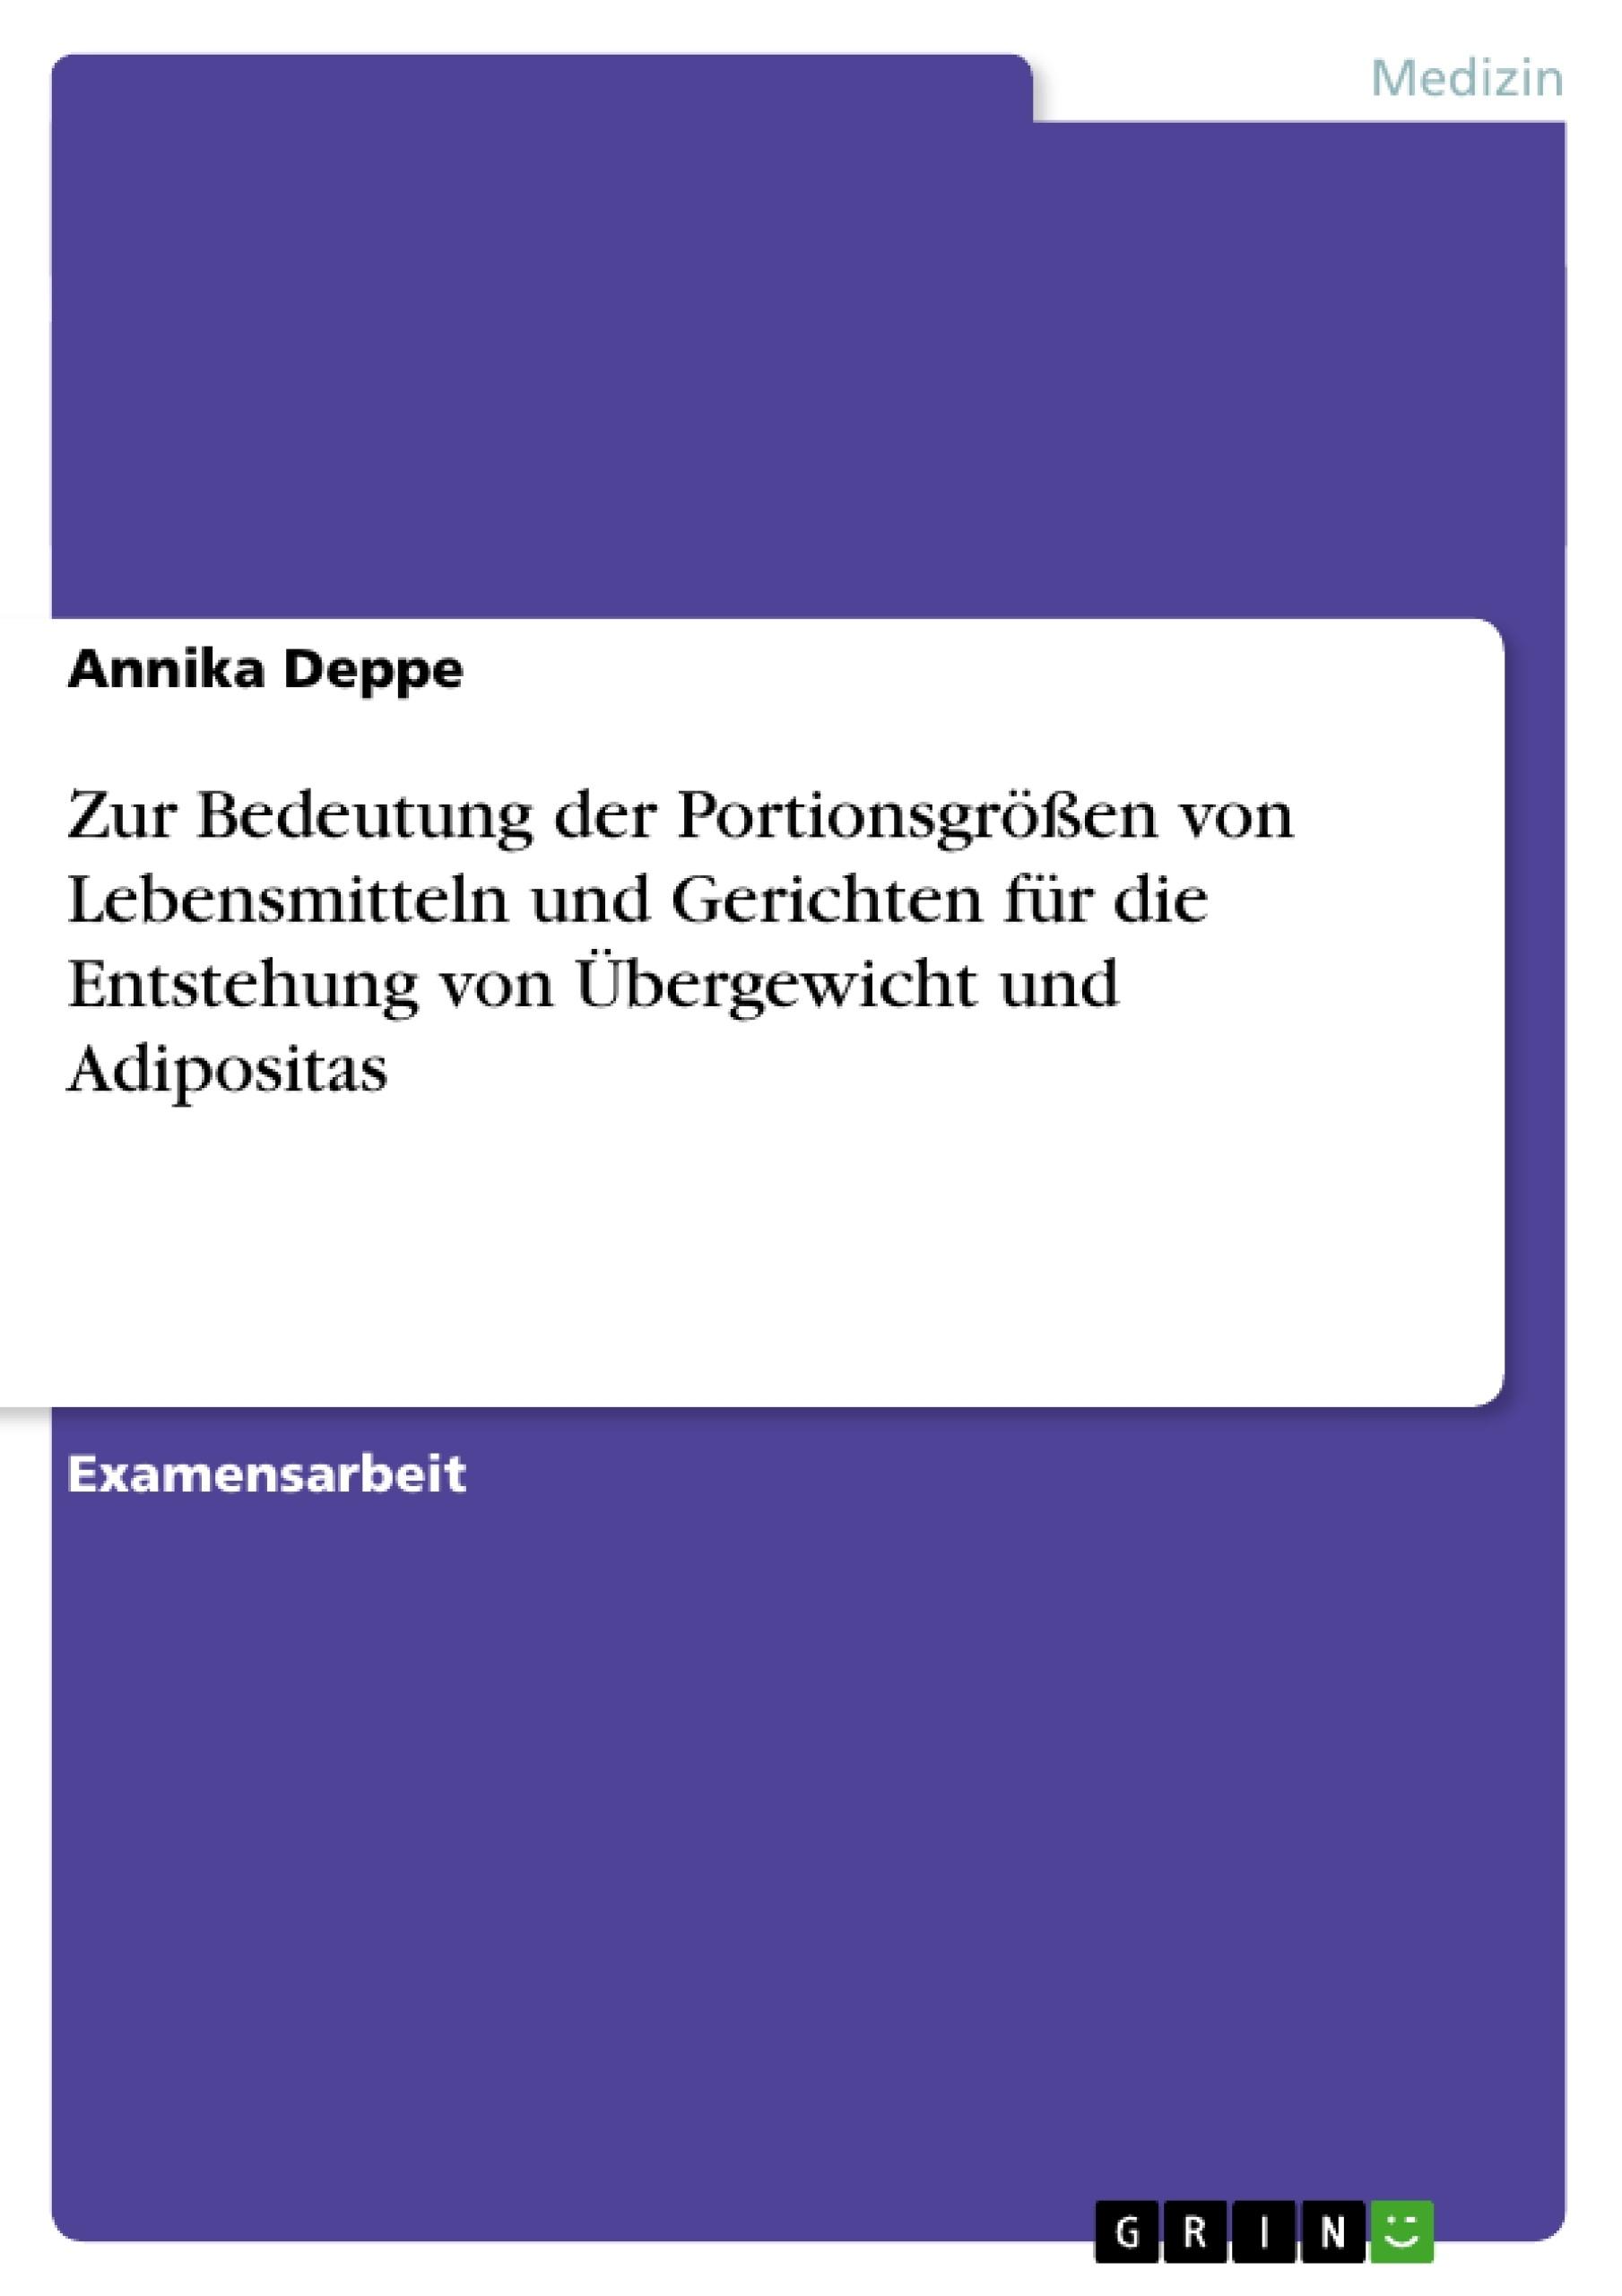 Titel: Zur Bedeutung der Portionsgrößen von Lebensmitteln und Gerichten für die Entstehung von Übergewicht und Adipositas